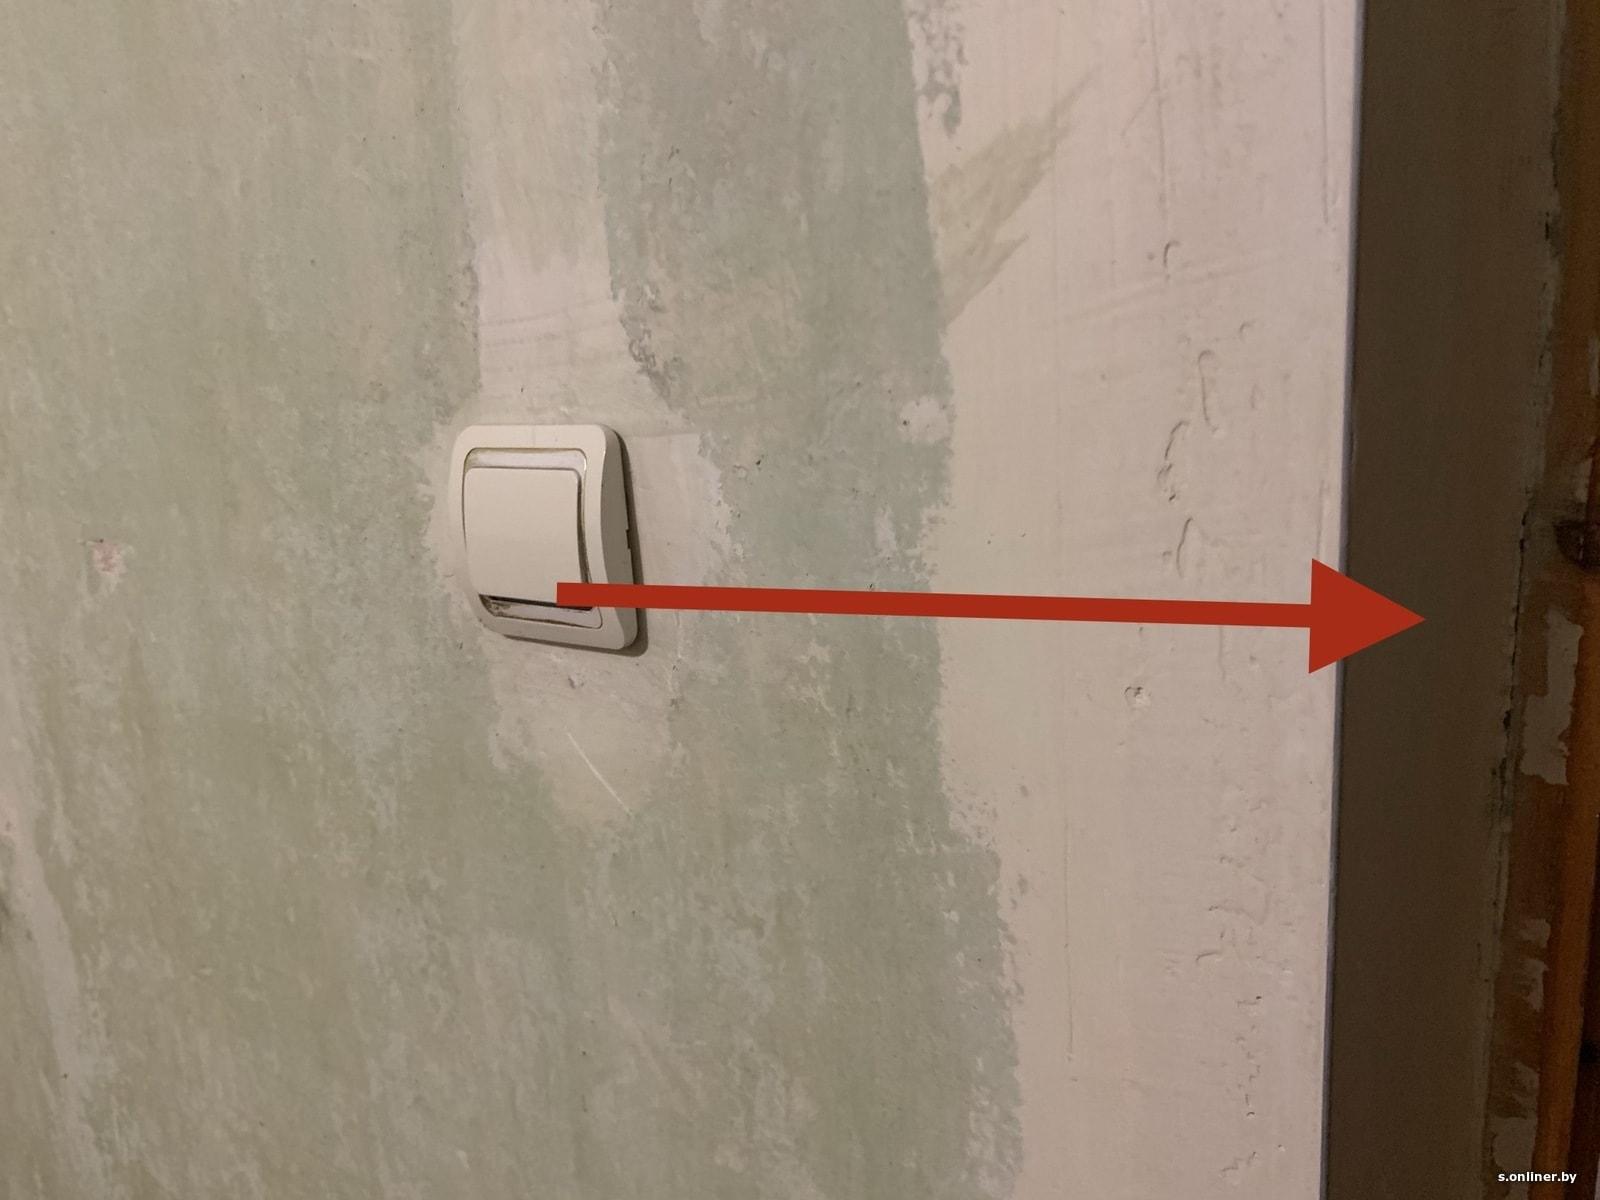 Как поменять и переделать розетку: пошаговый инструктаж по замене